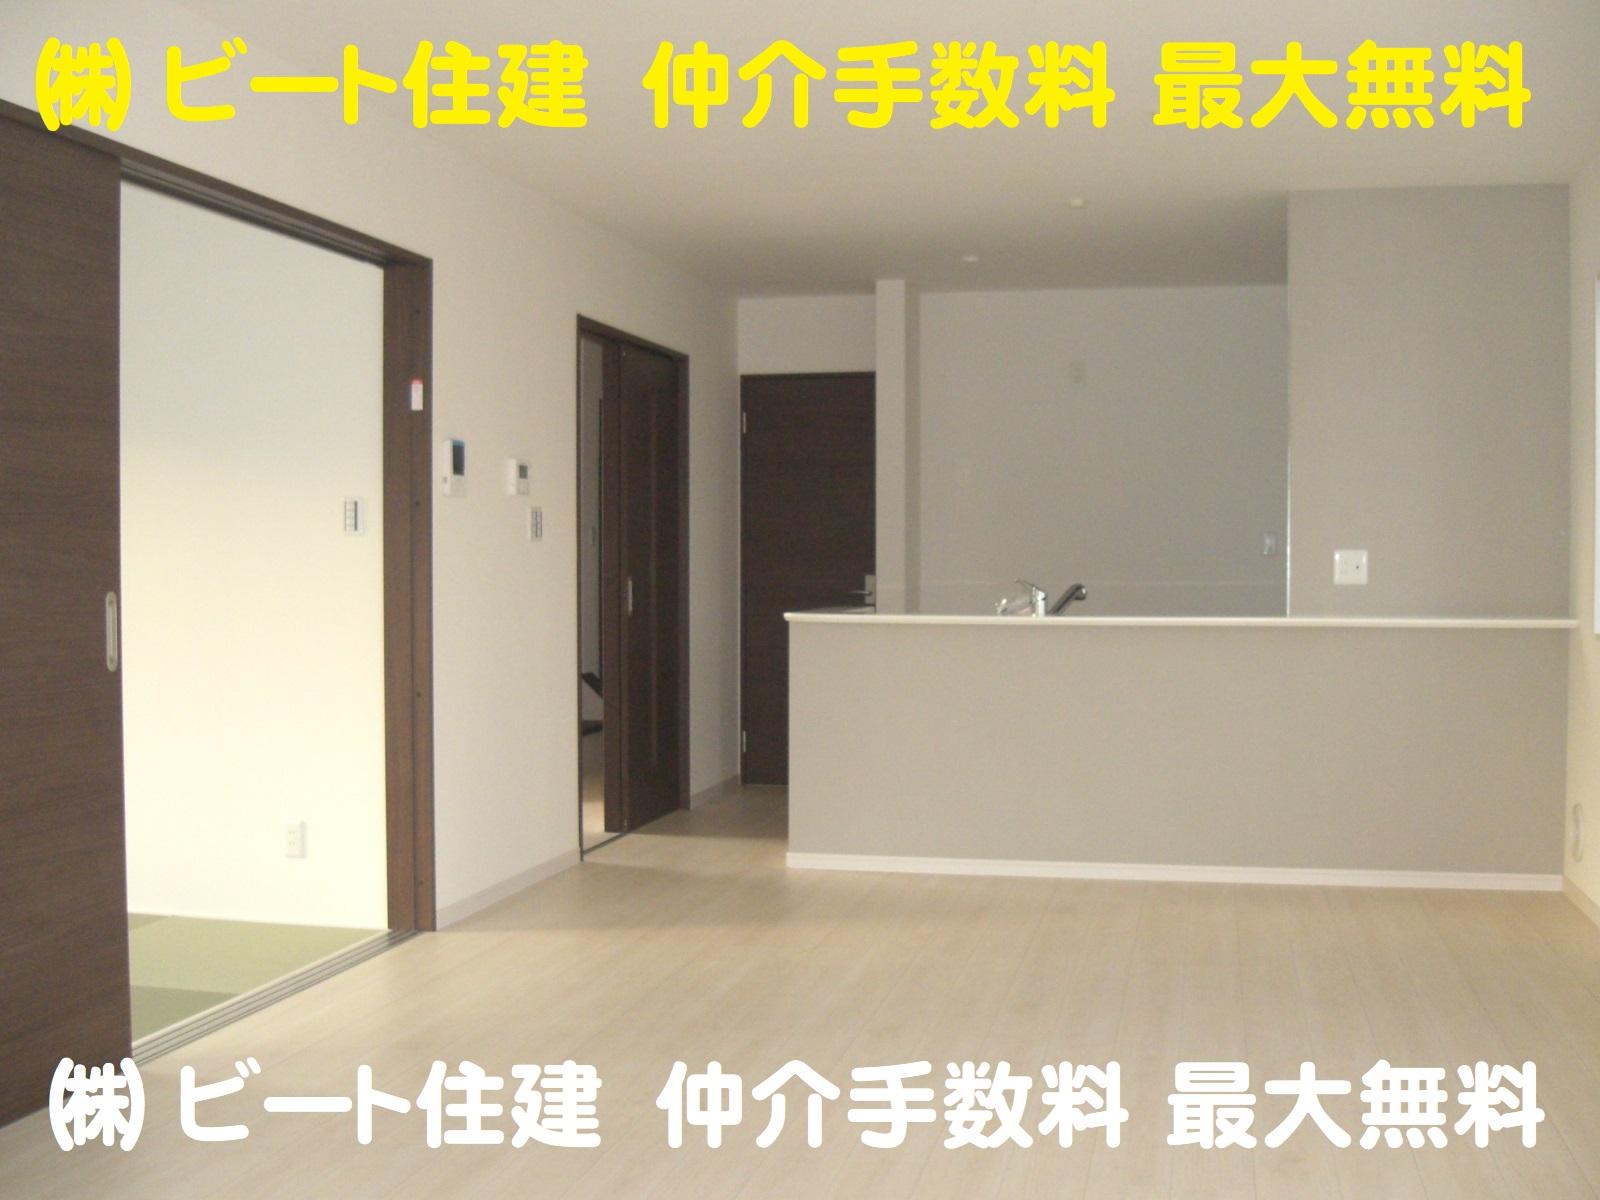 奈良県 新築 天理市 新築 お買い得 仲介手数料 最大無料  ㈱ ビート住建